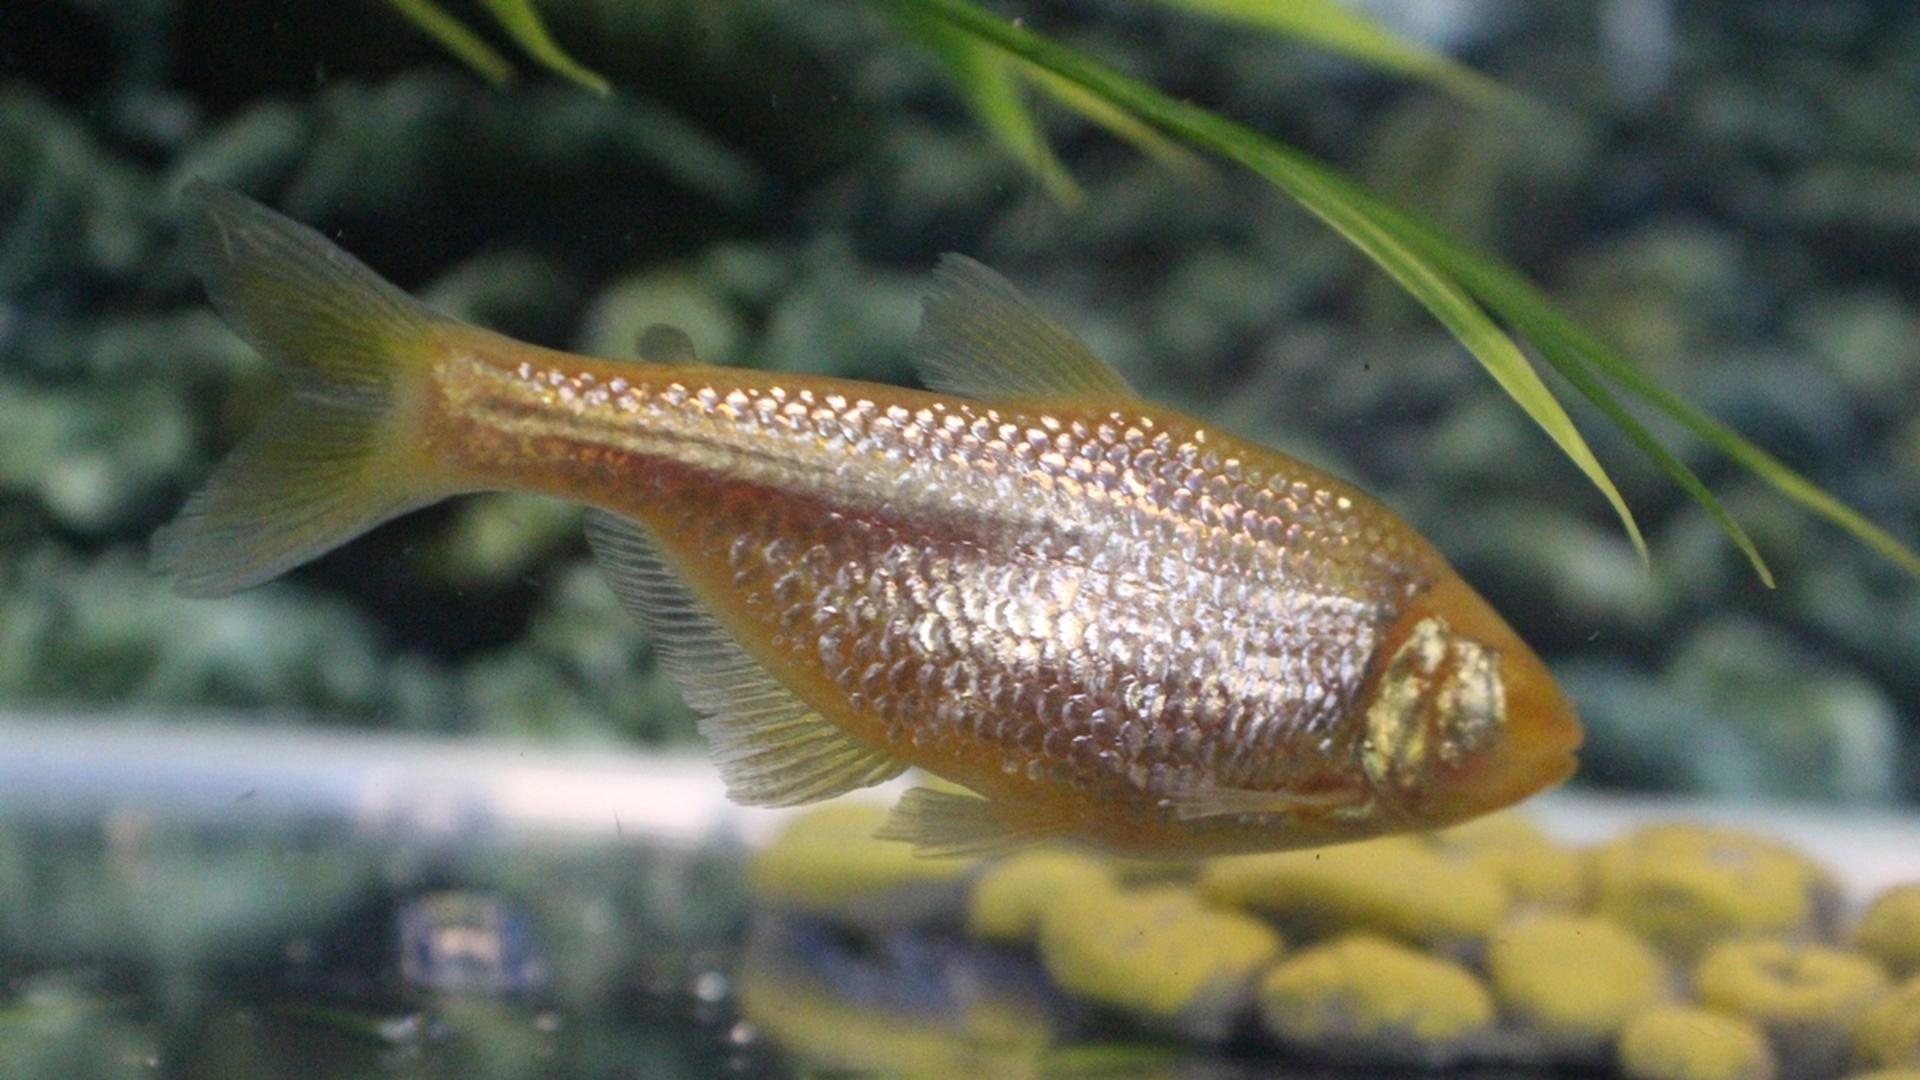 В борьбе с диабетом поможет слепая рыба с «инсулиновой» мутацией